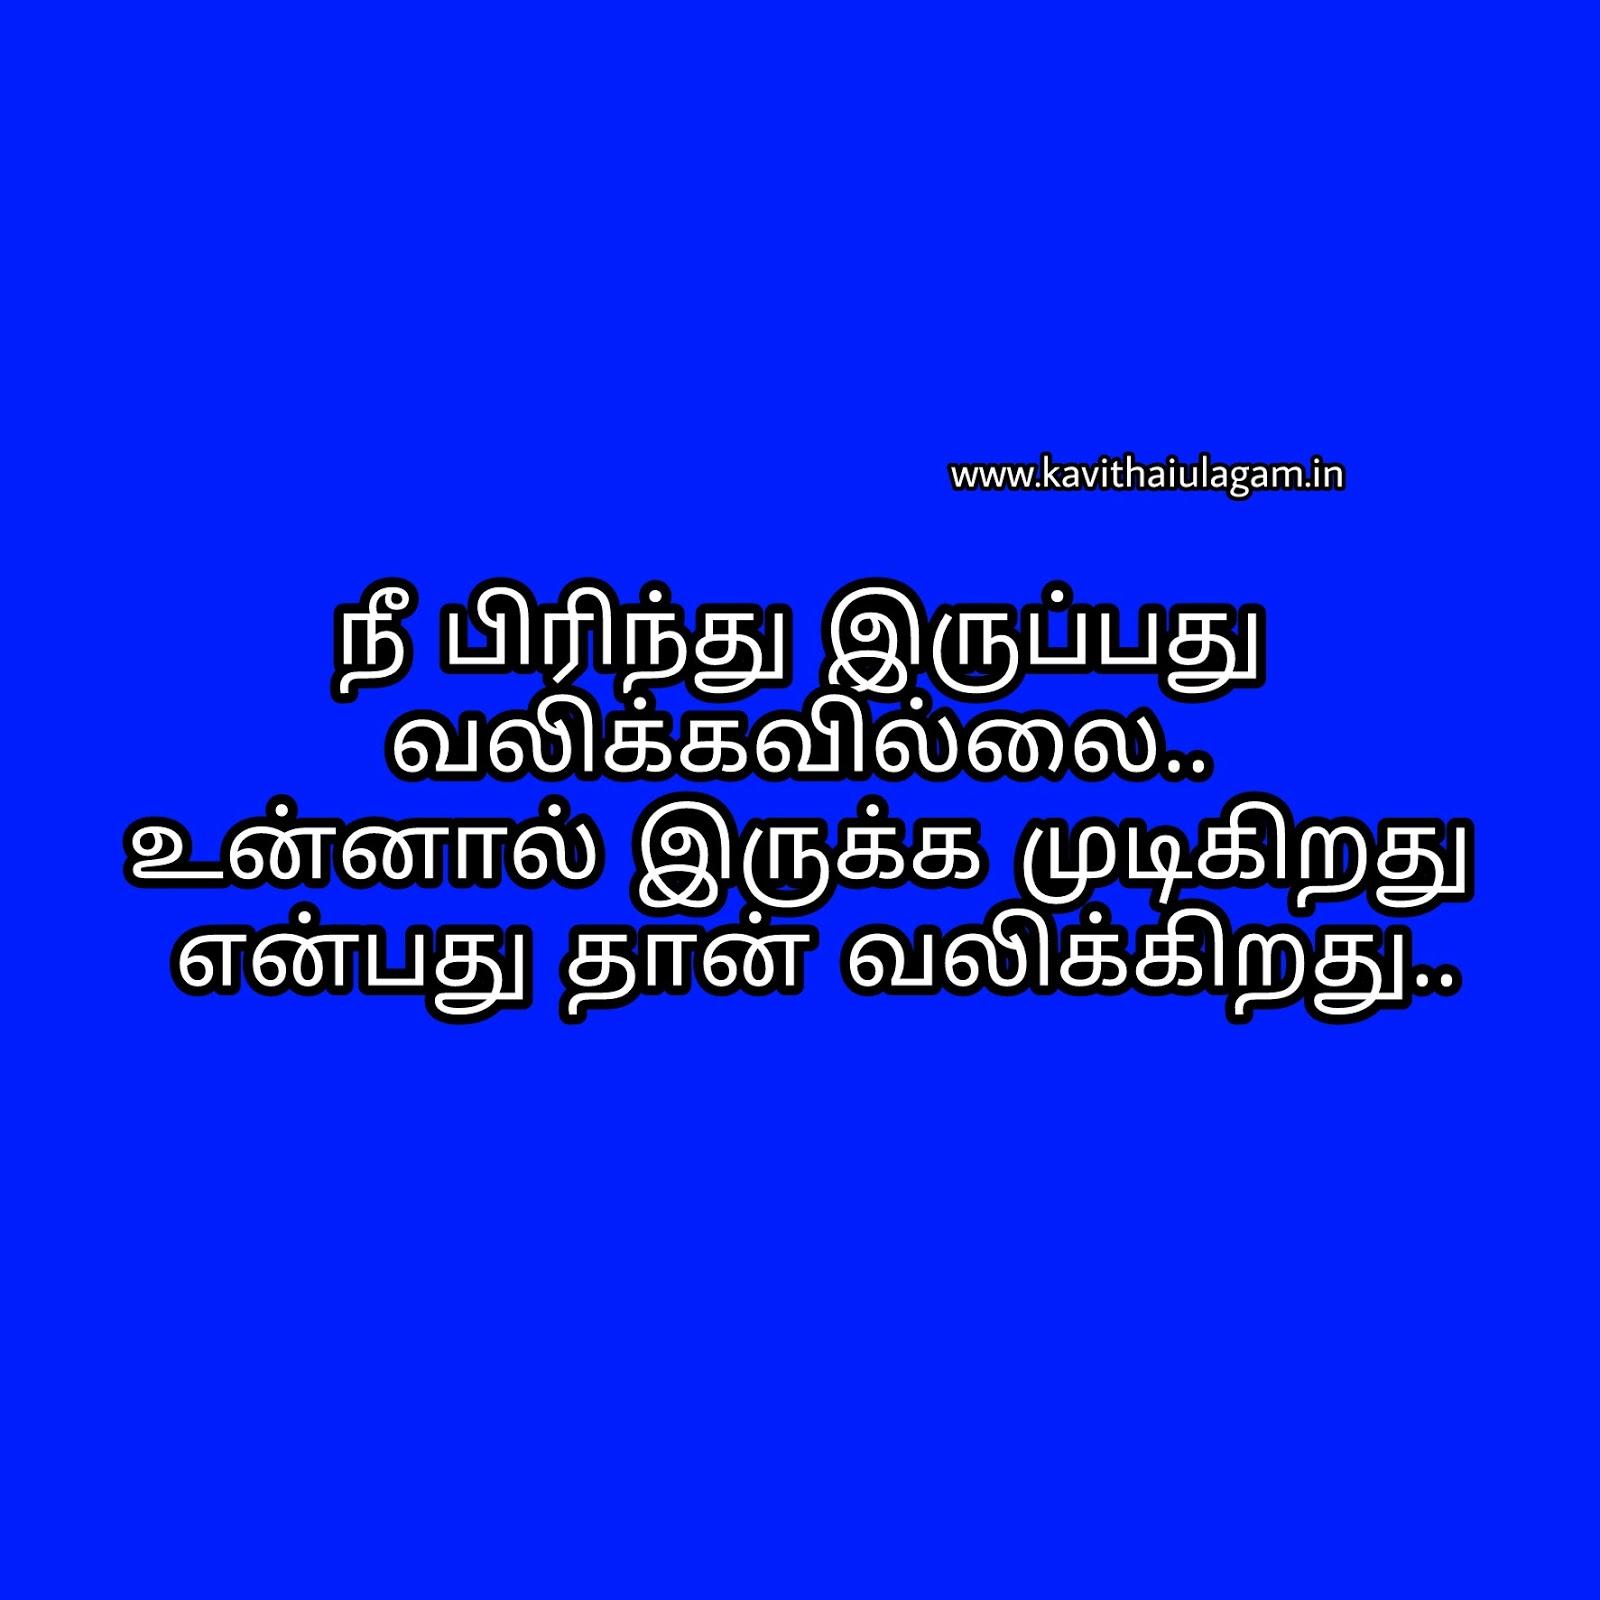 Sad love kavithai in tamil kadhal sogam kavithai images sad love pirivu kavithai kadhal vali kavithai tamil kavithai love images hd thecheapjerseys Images